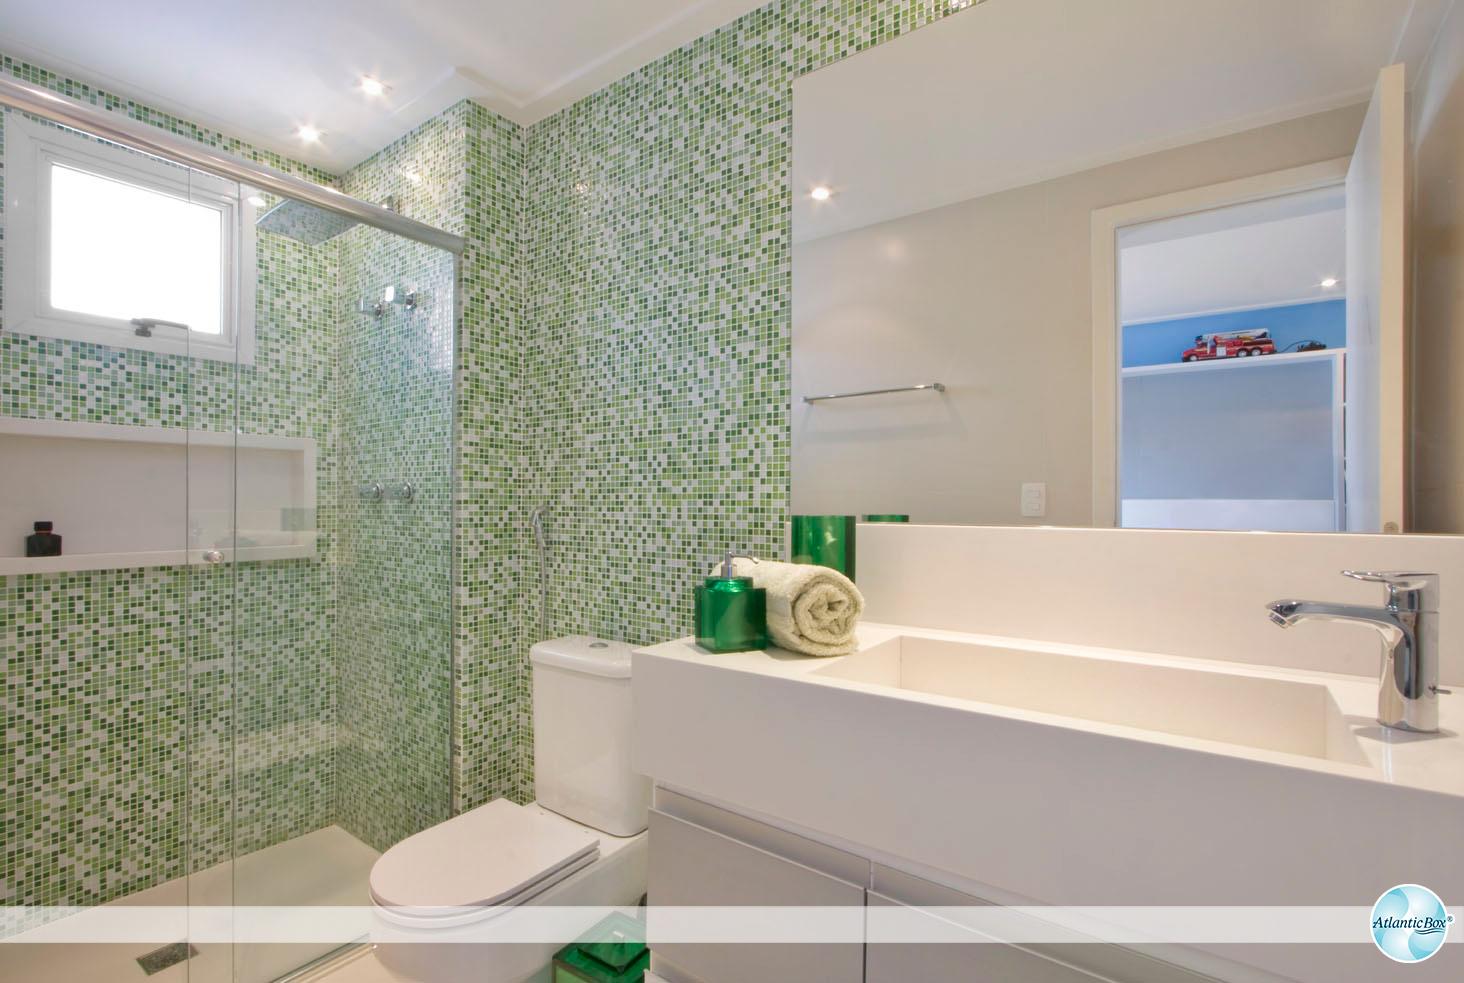 de lavabos. Perceba nessas imagens que o box de vidro combina com #2E693A 1464x983 Banheiro Com Tijolo De Vidro No Box